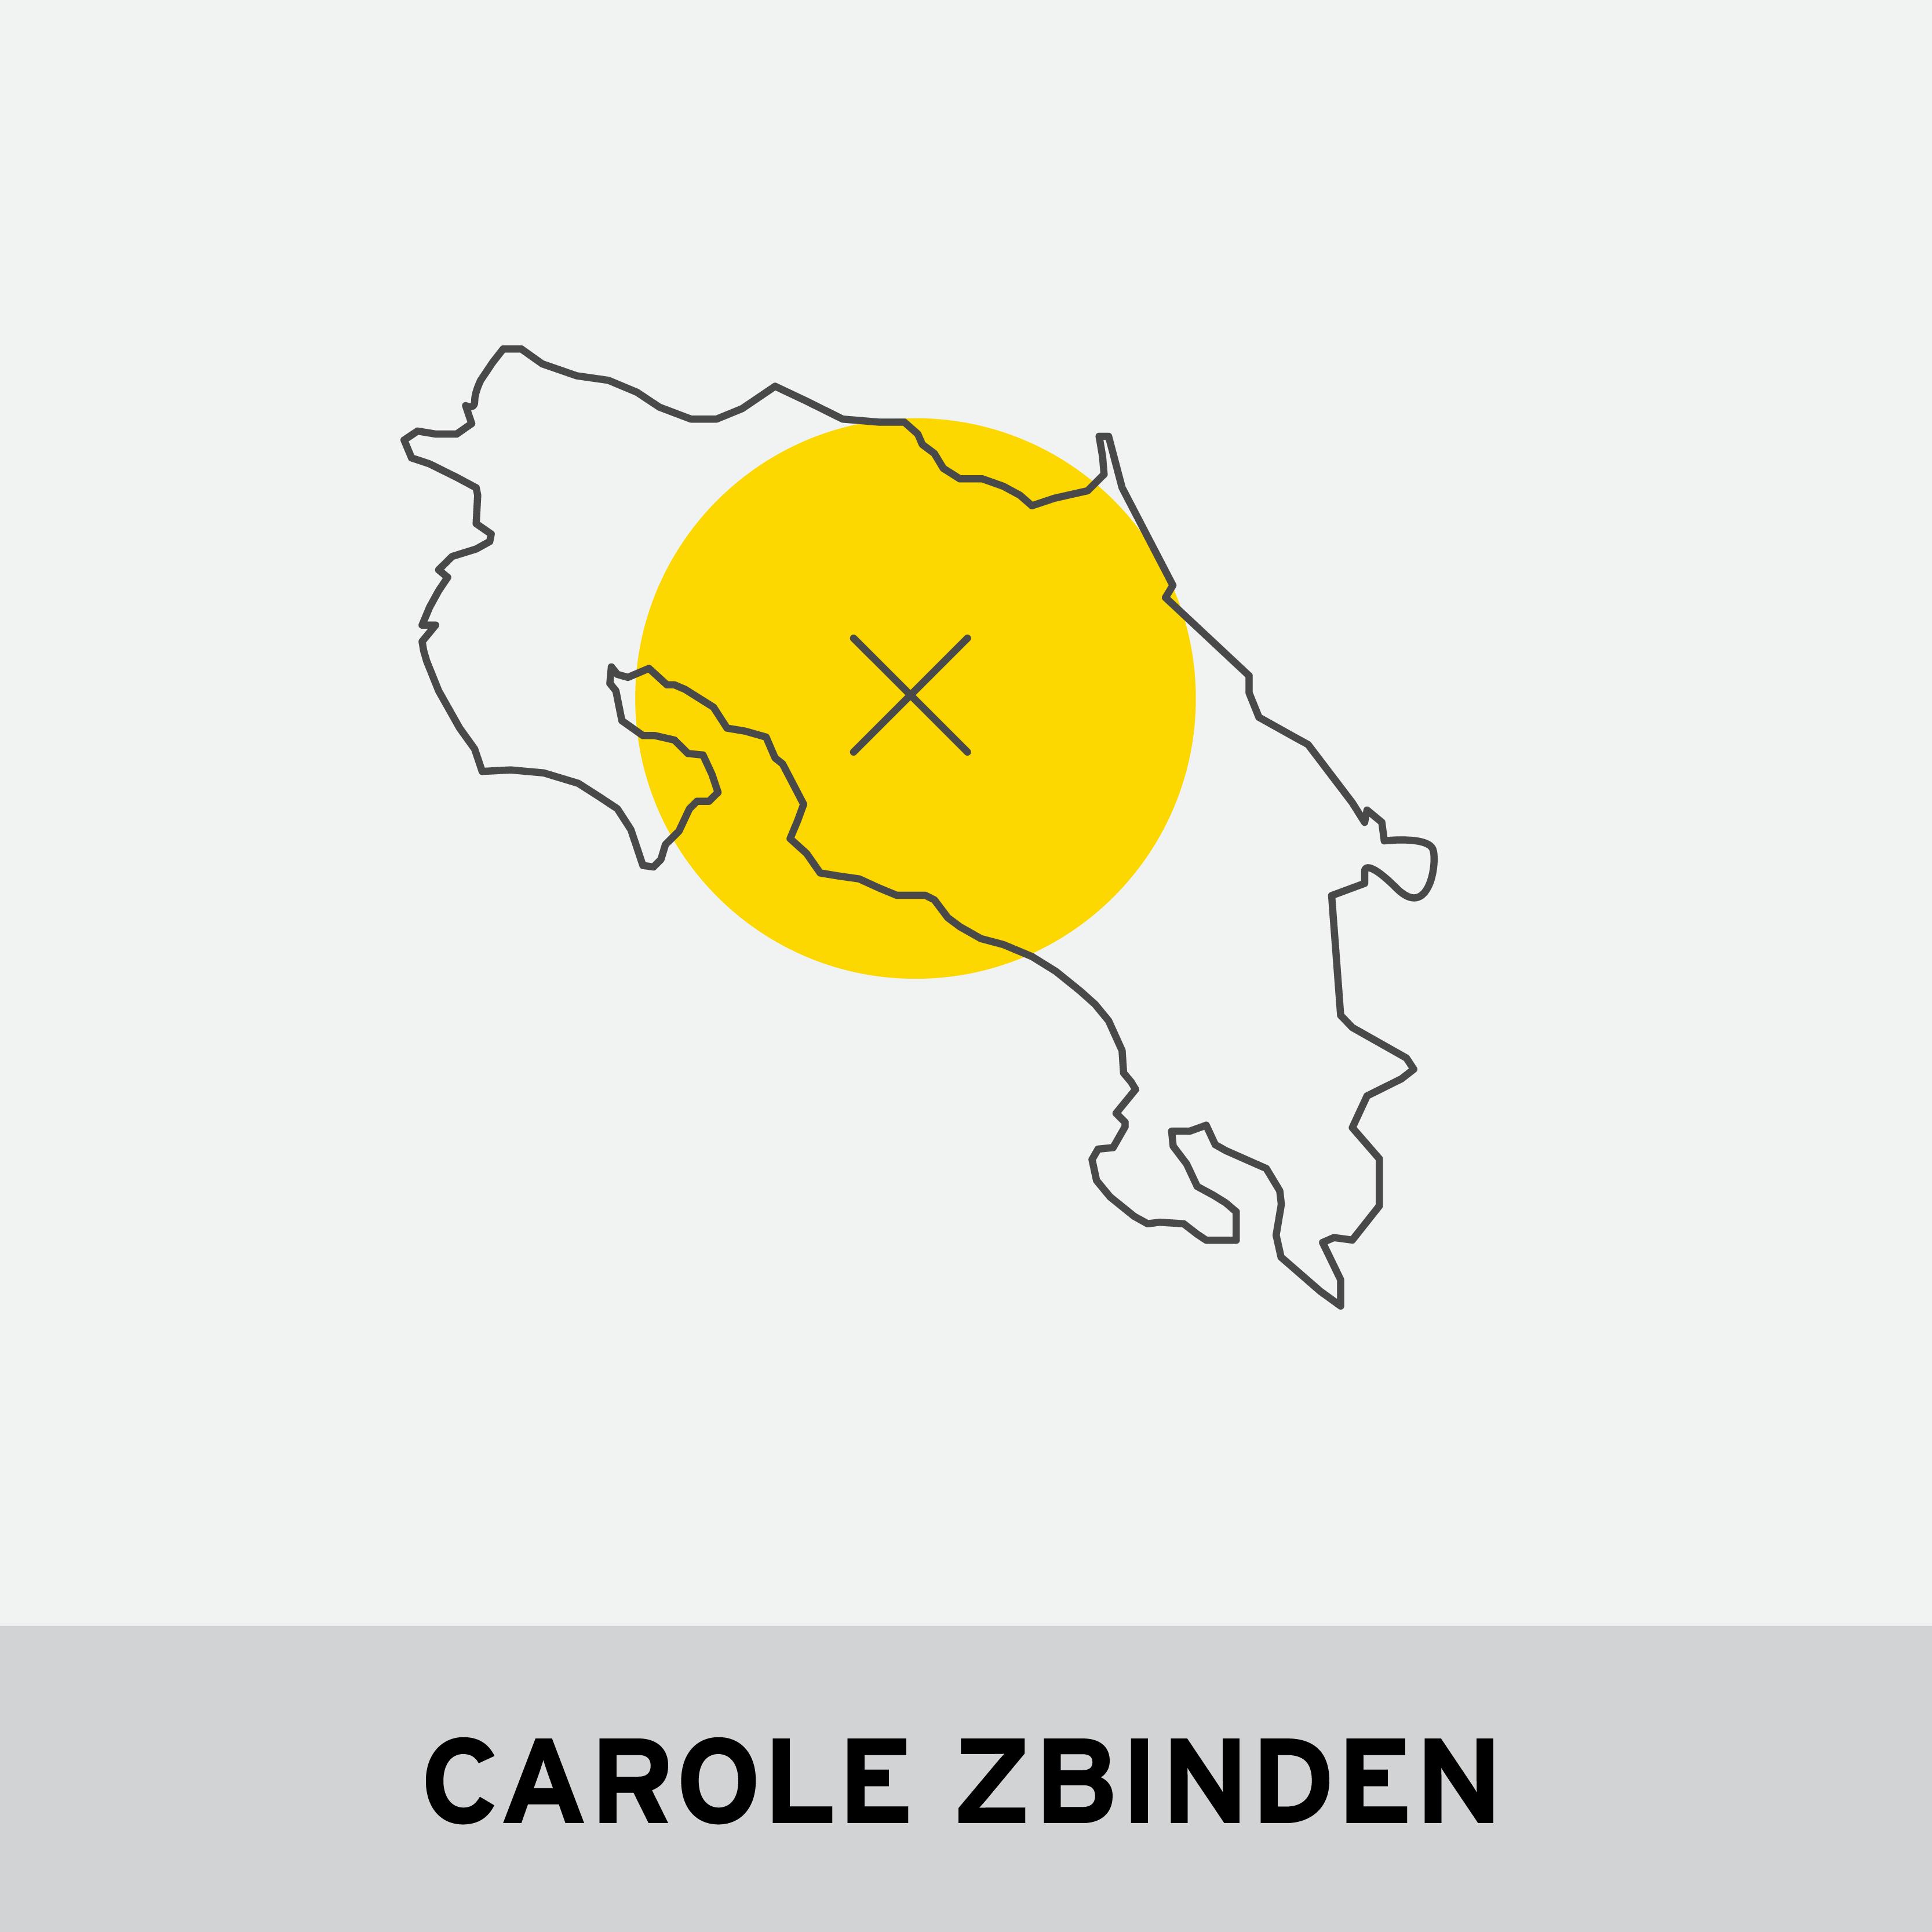 CAROLE ZBINDEN – EL QUIZARRA